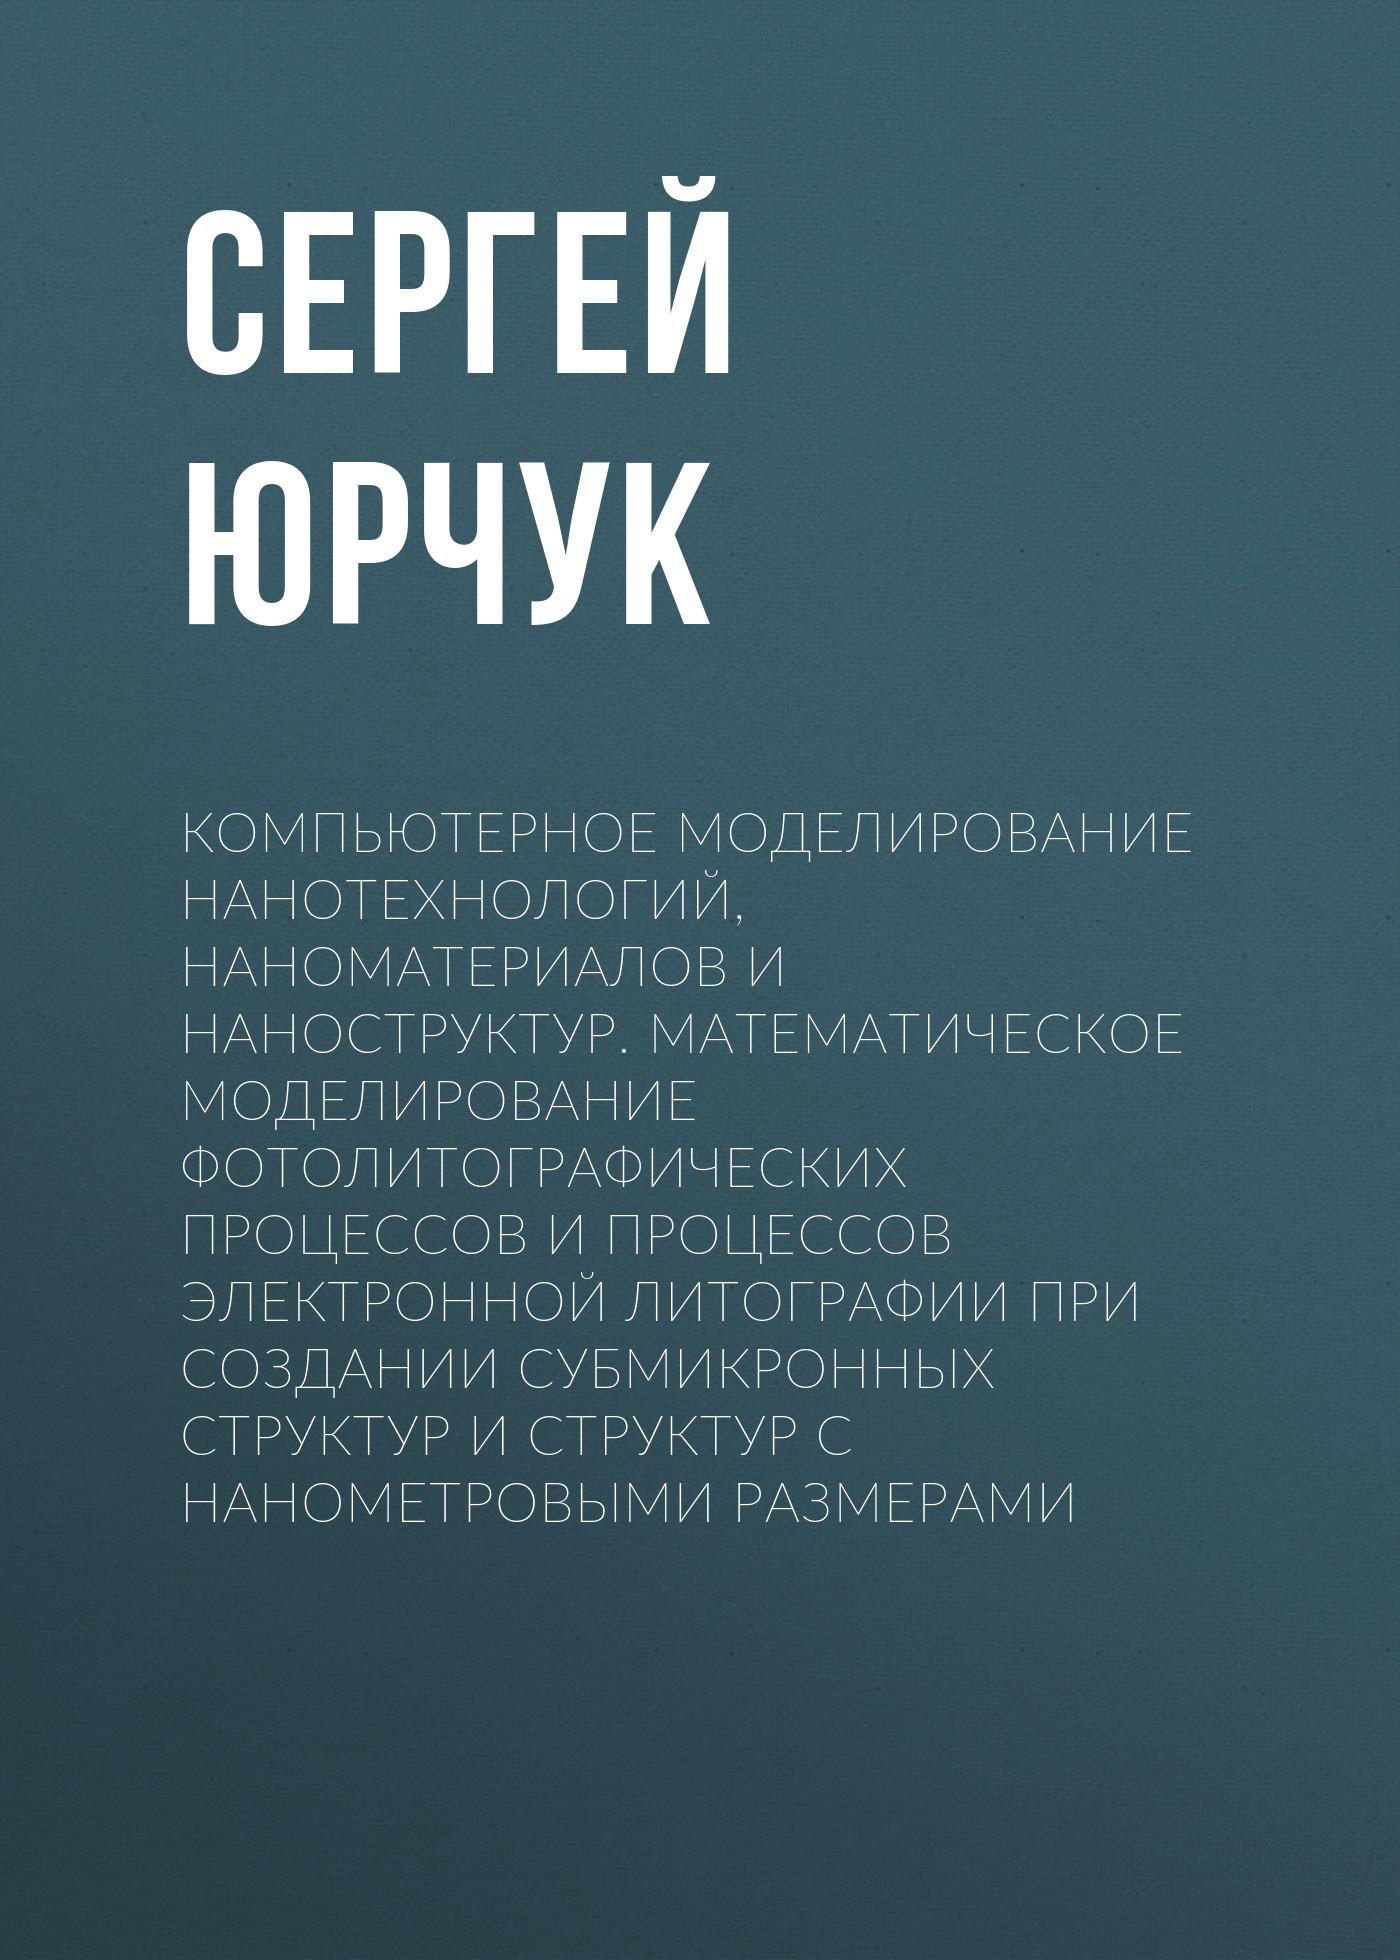 Сергей Юрчук бесплатно